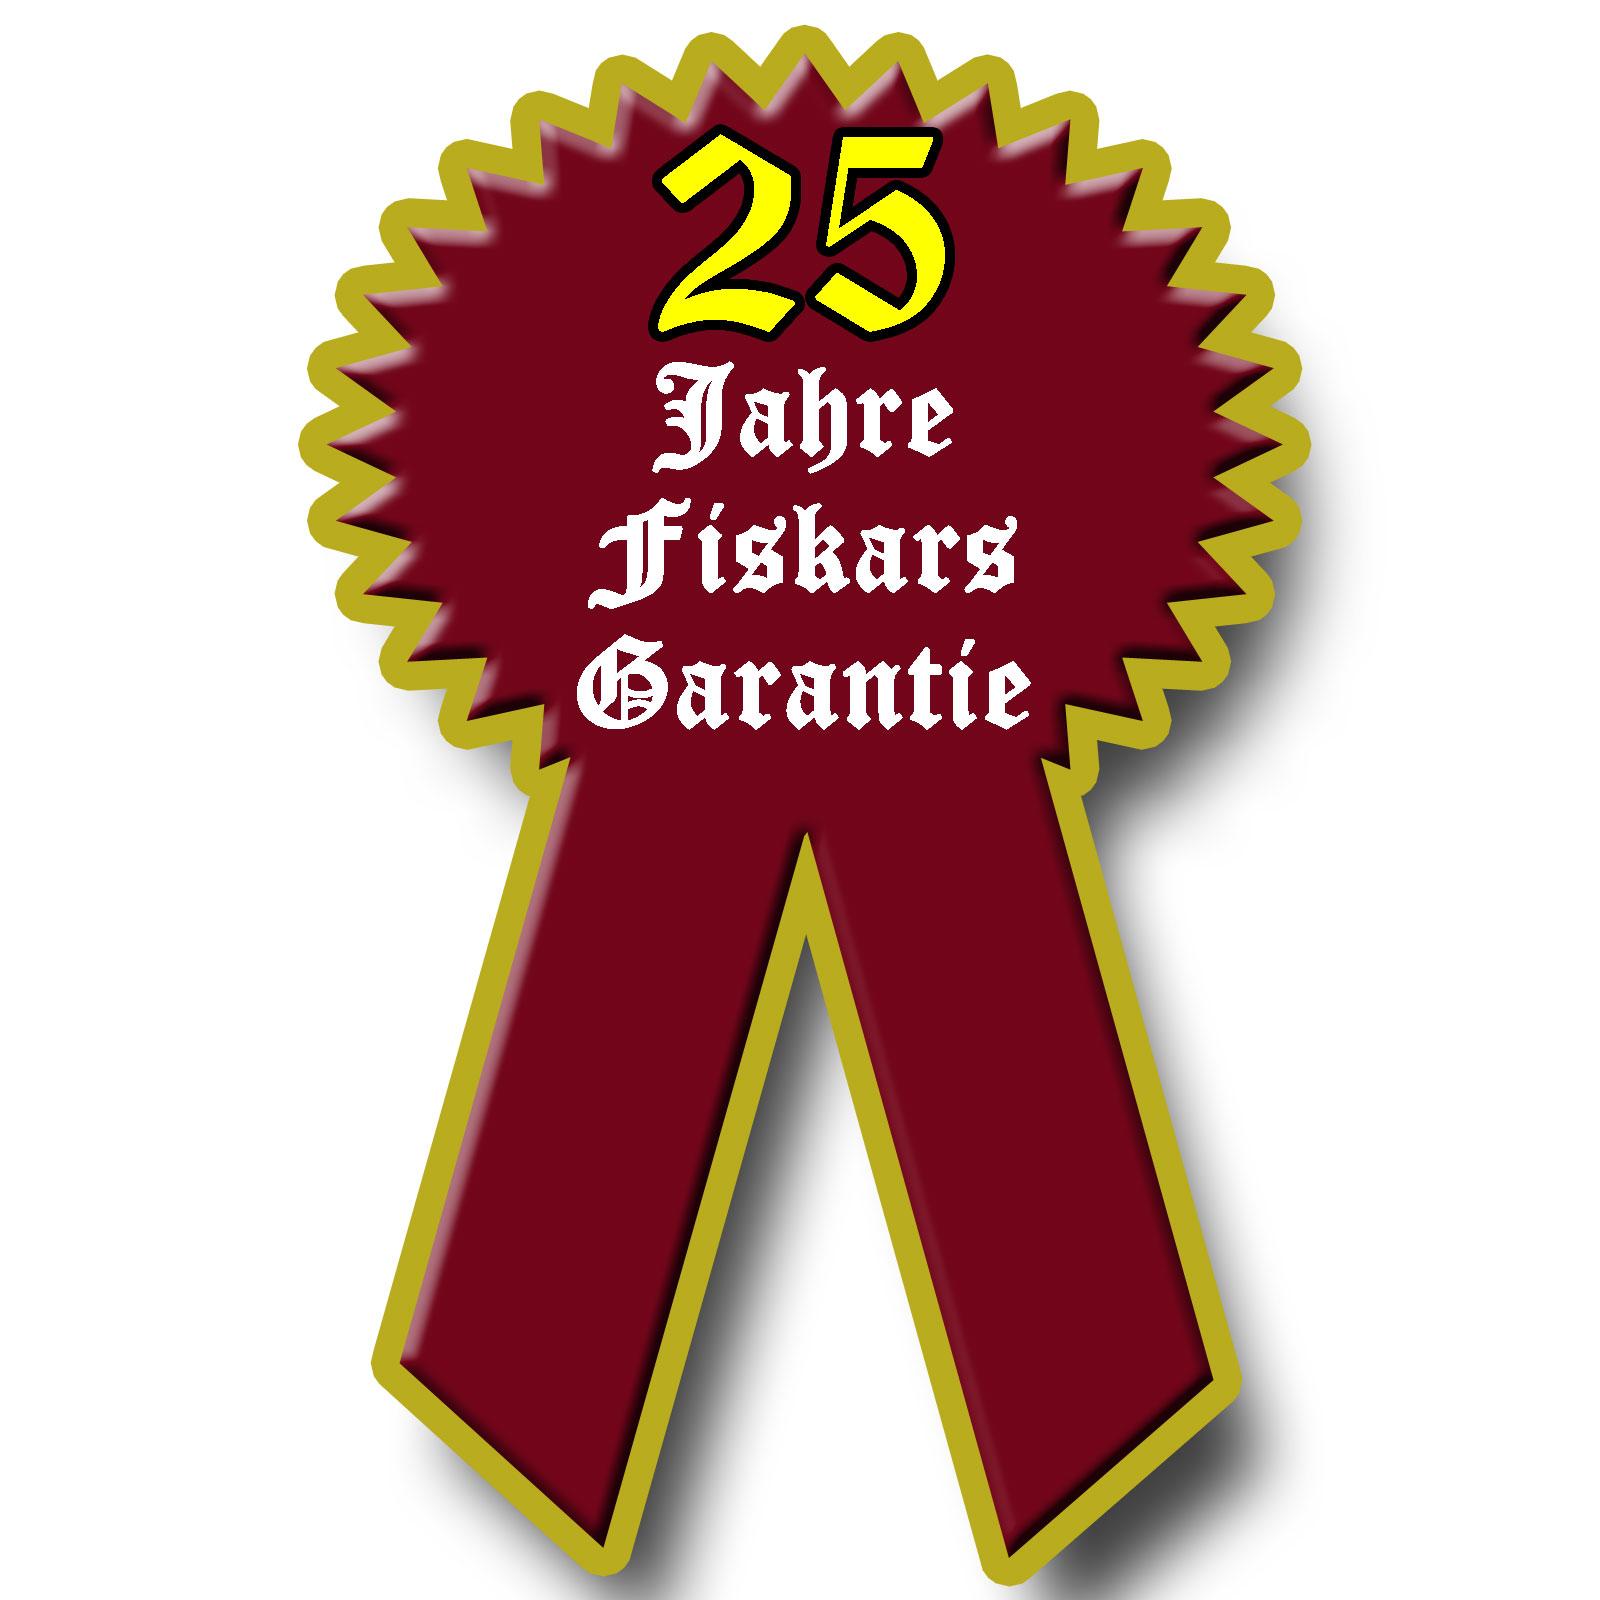 25 Jahre Fiskars Garantie